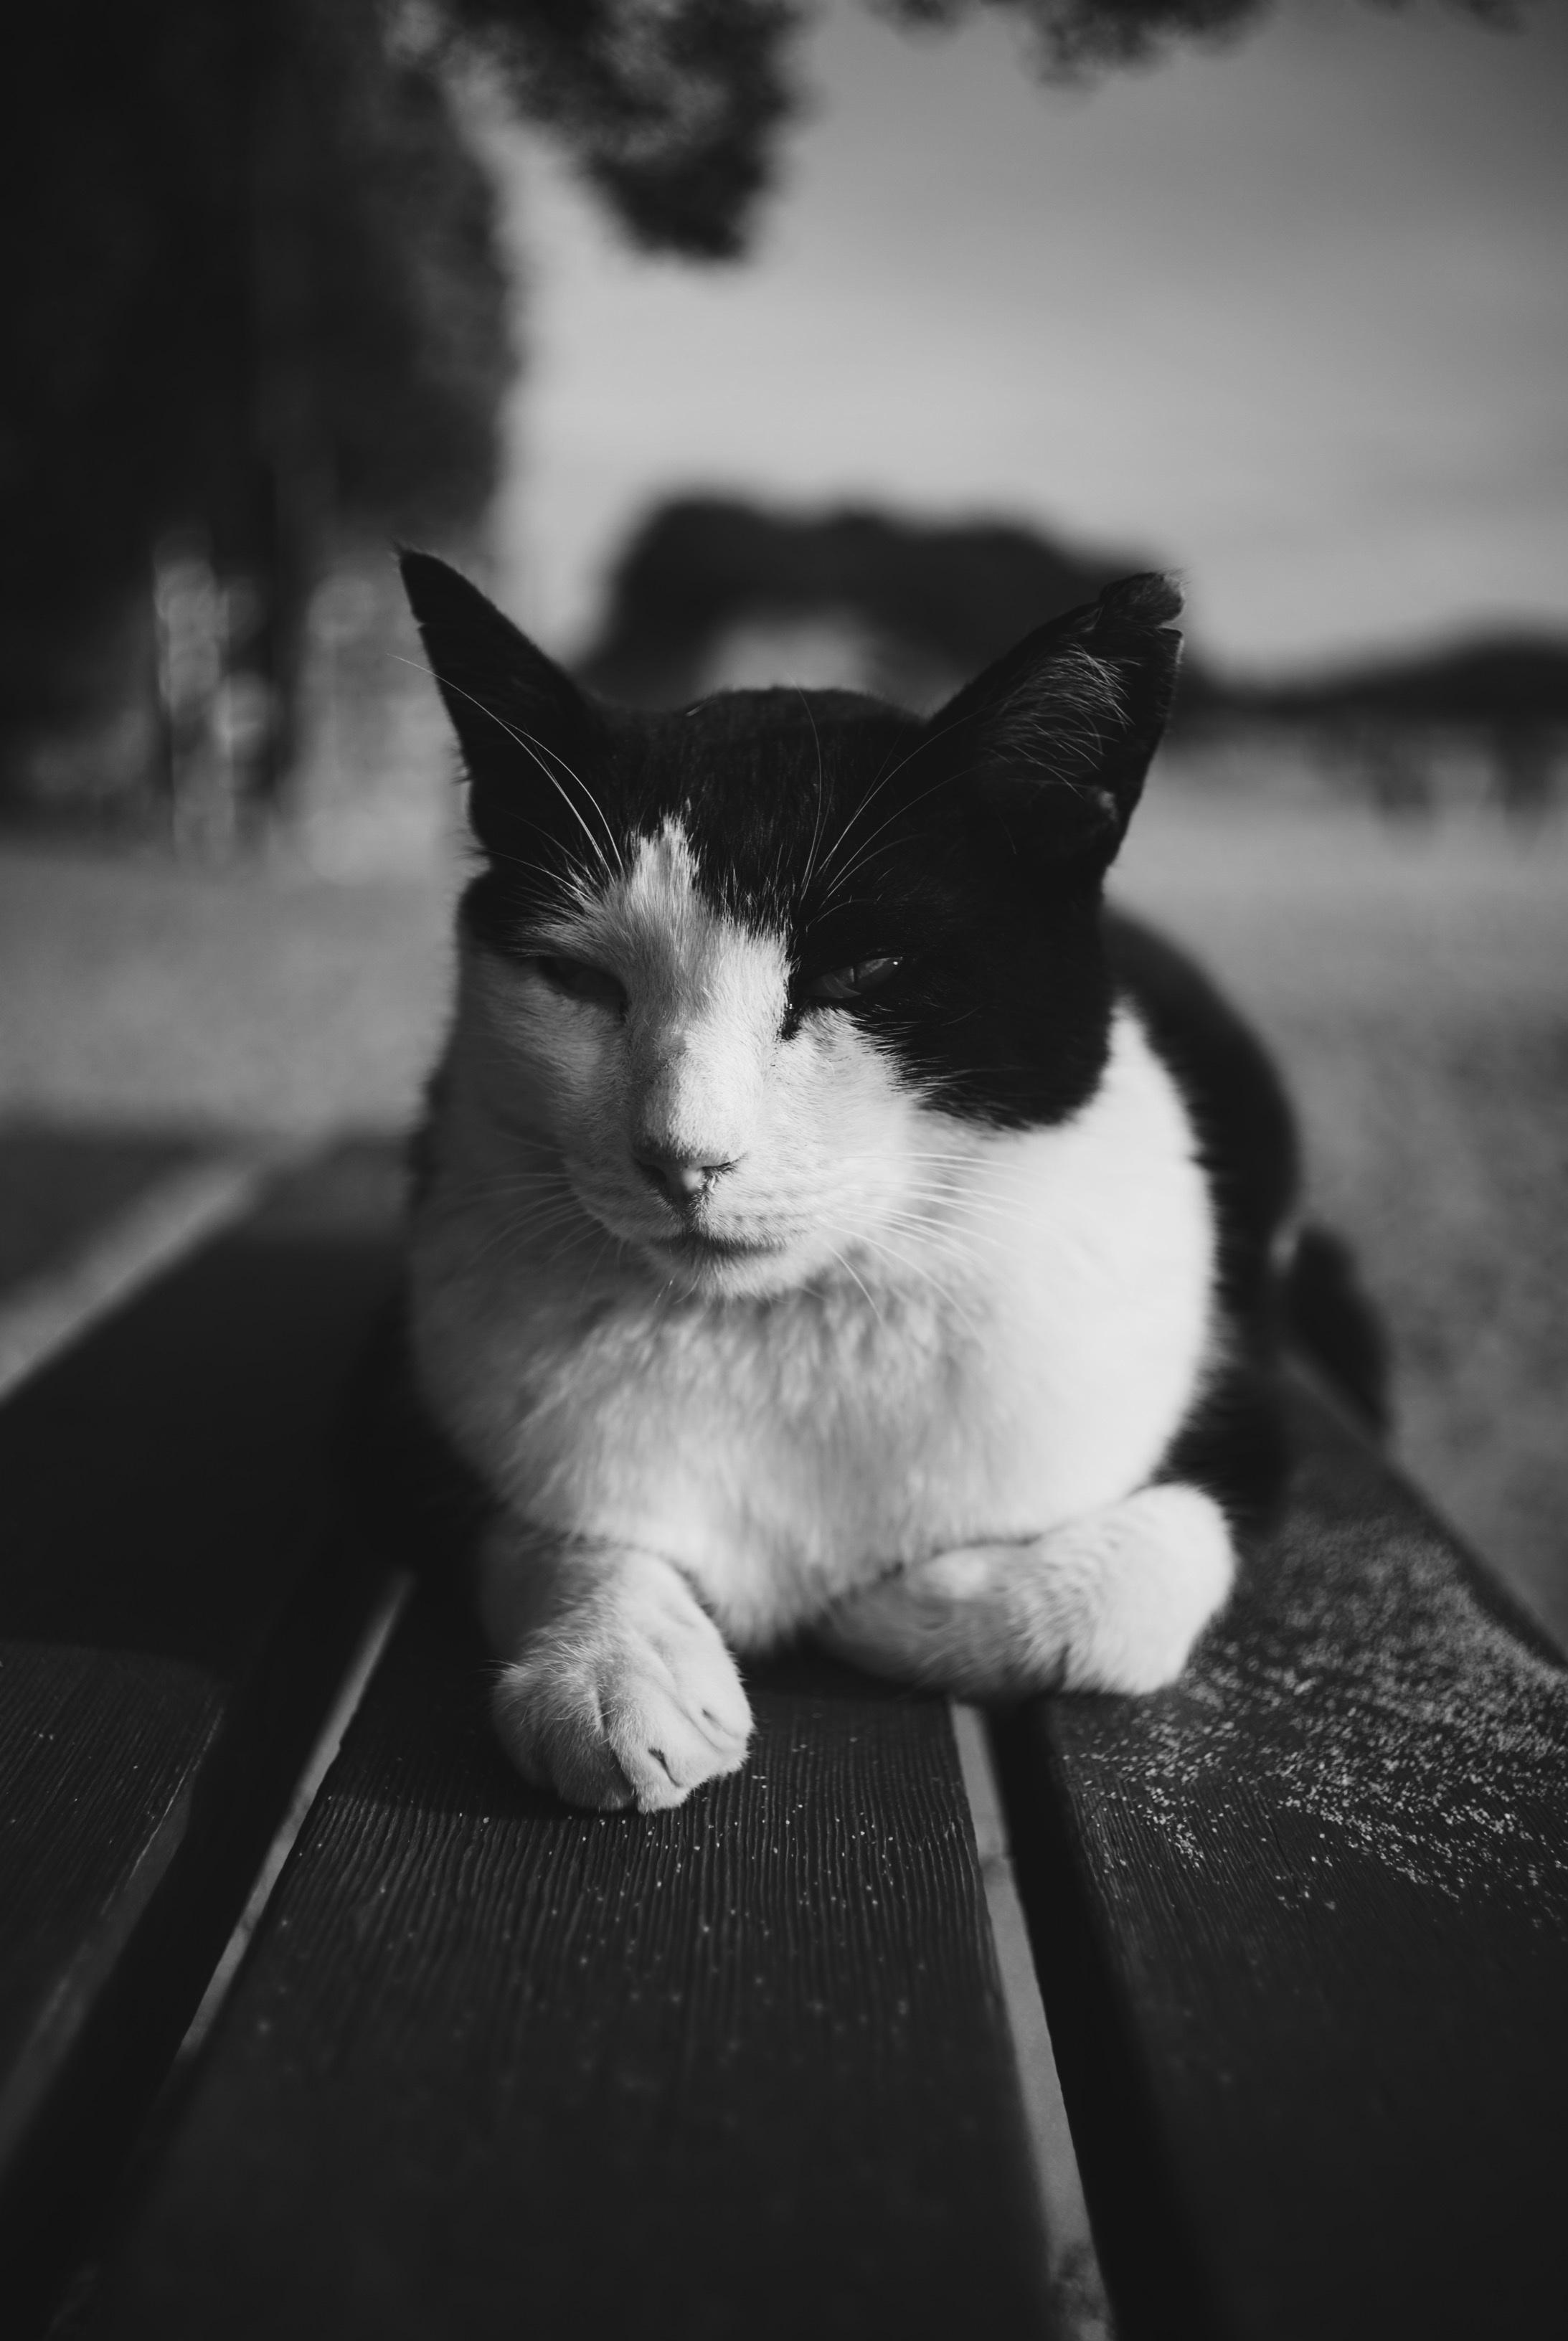 www zadarmo čierna mačička pics com veľký čierny kohút biele dievča